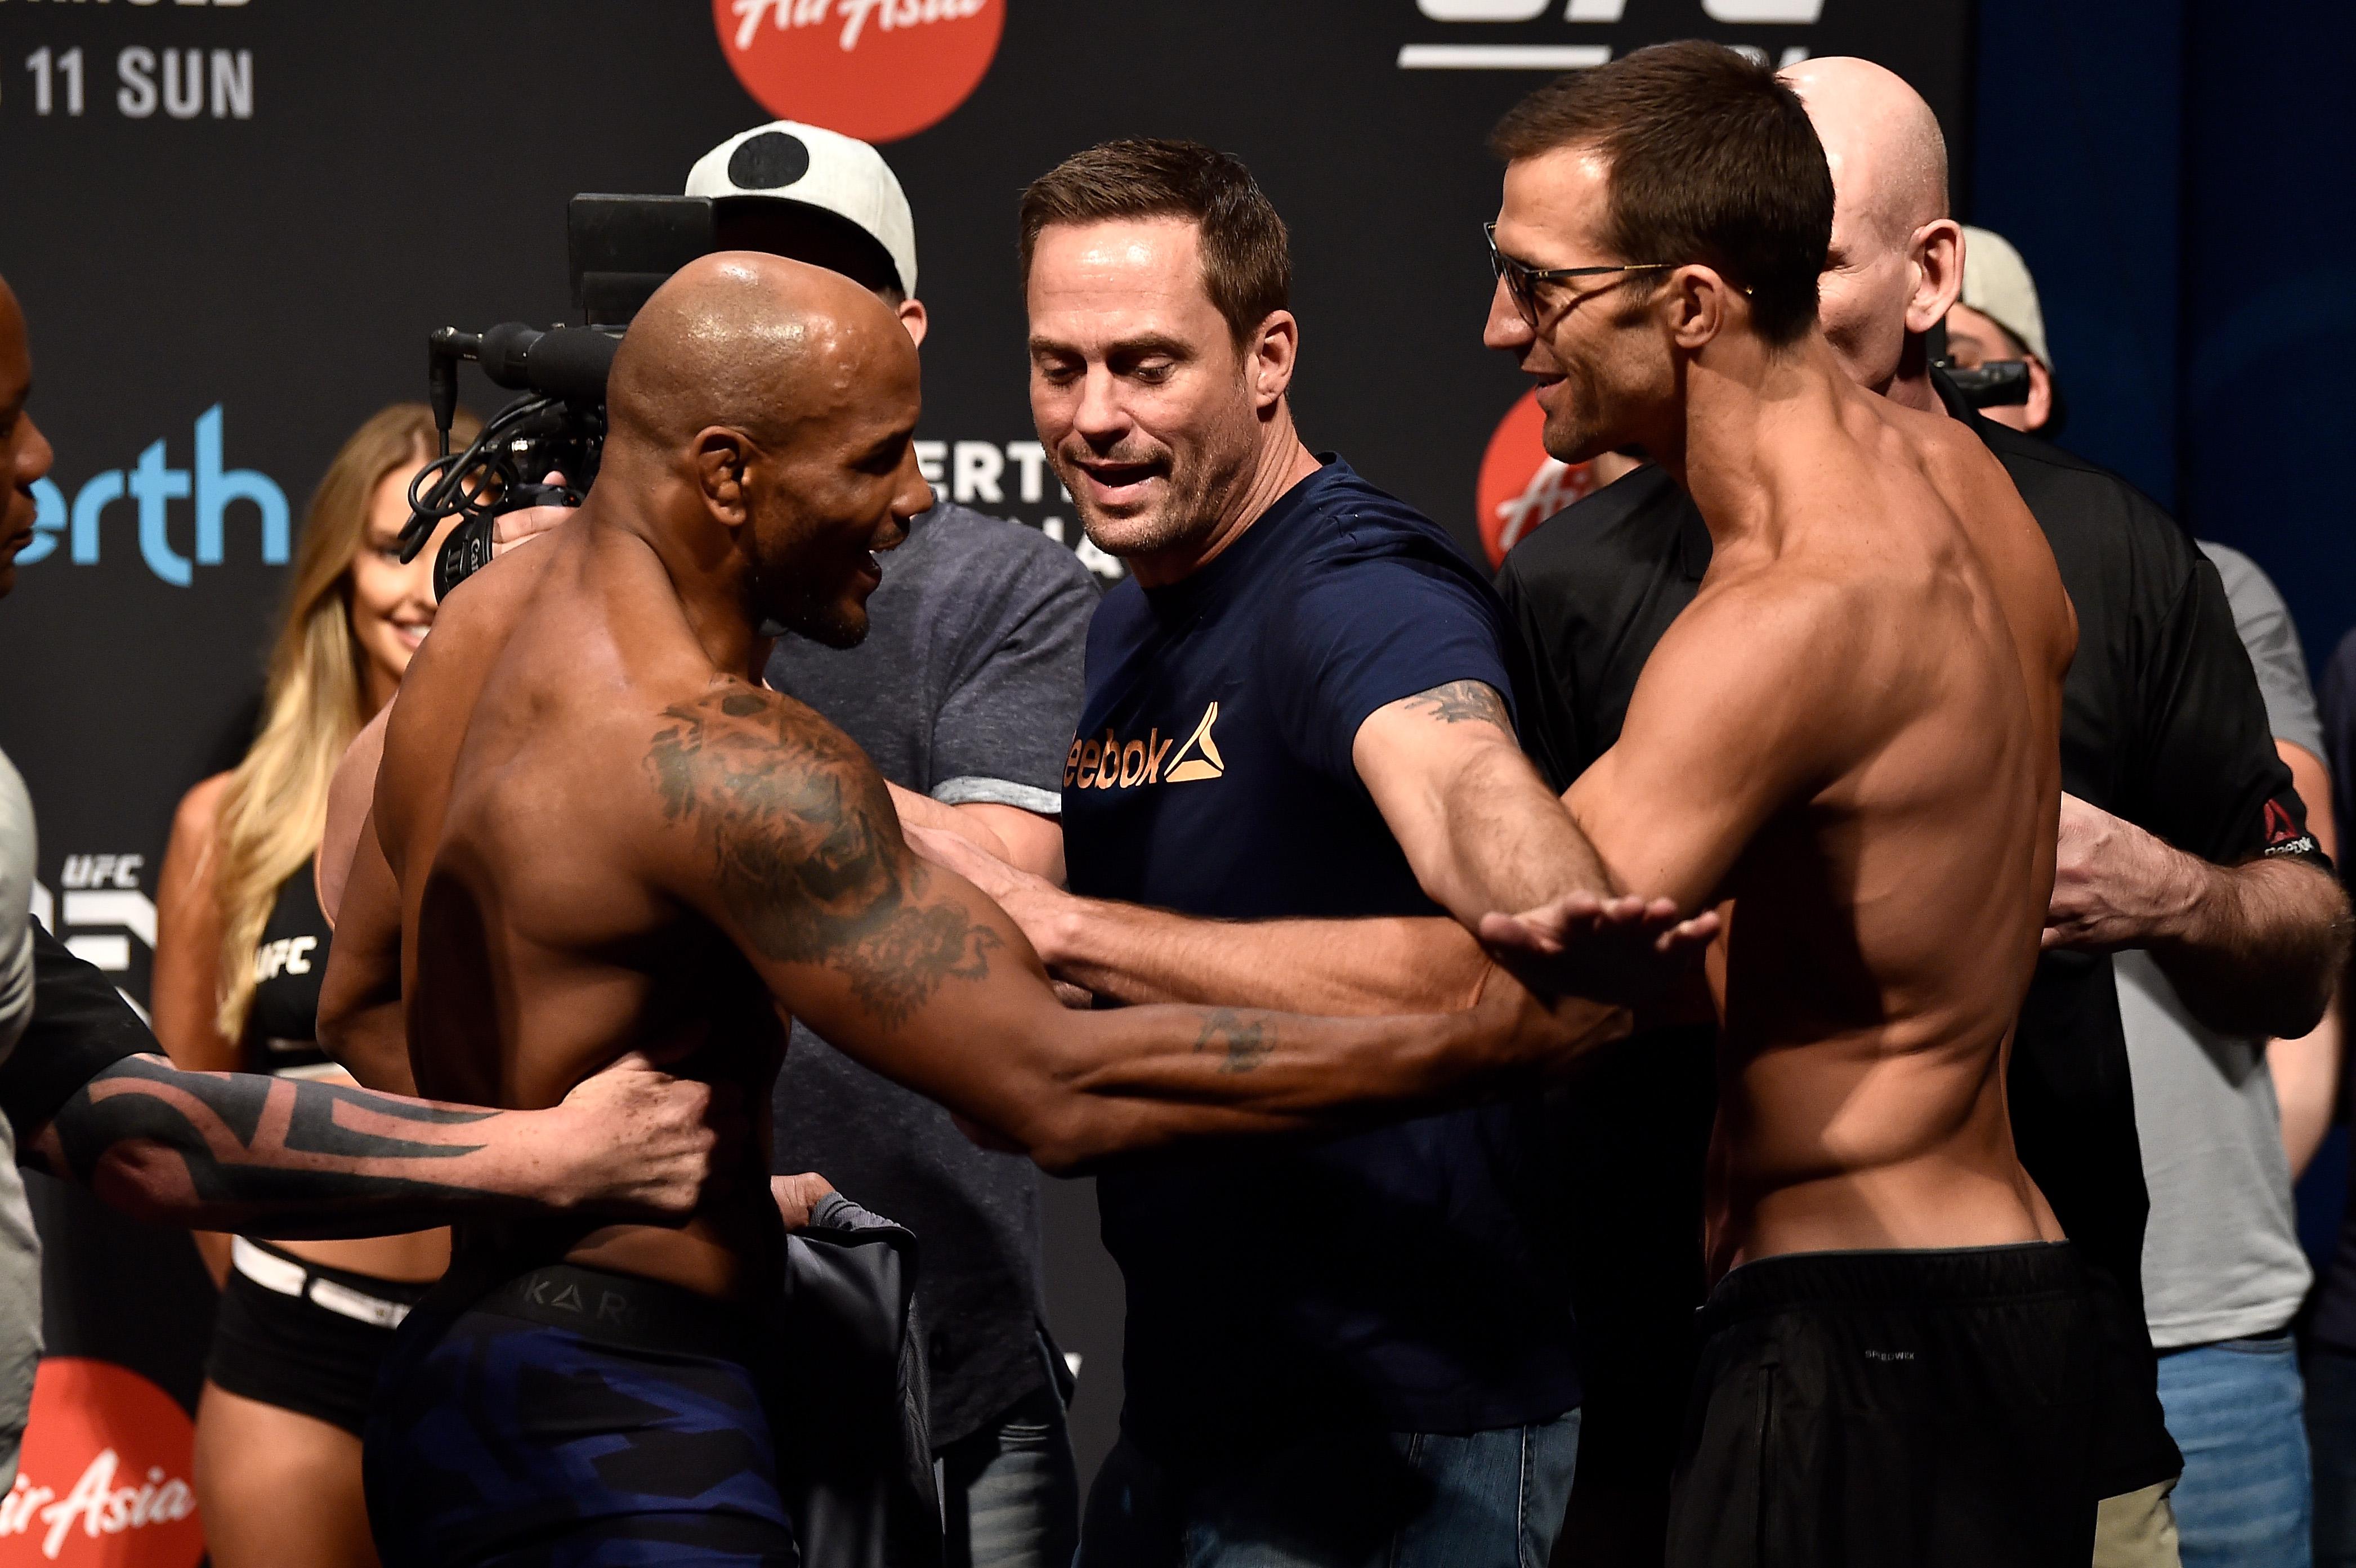 UFC 221 Weigh-ins